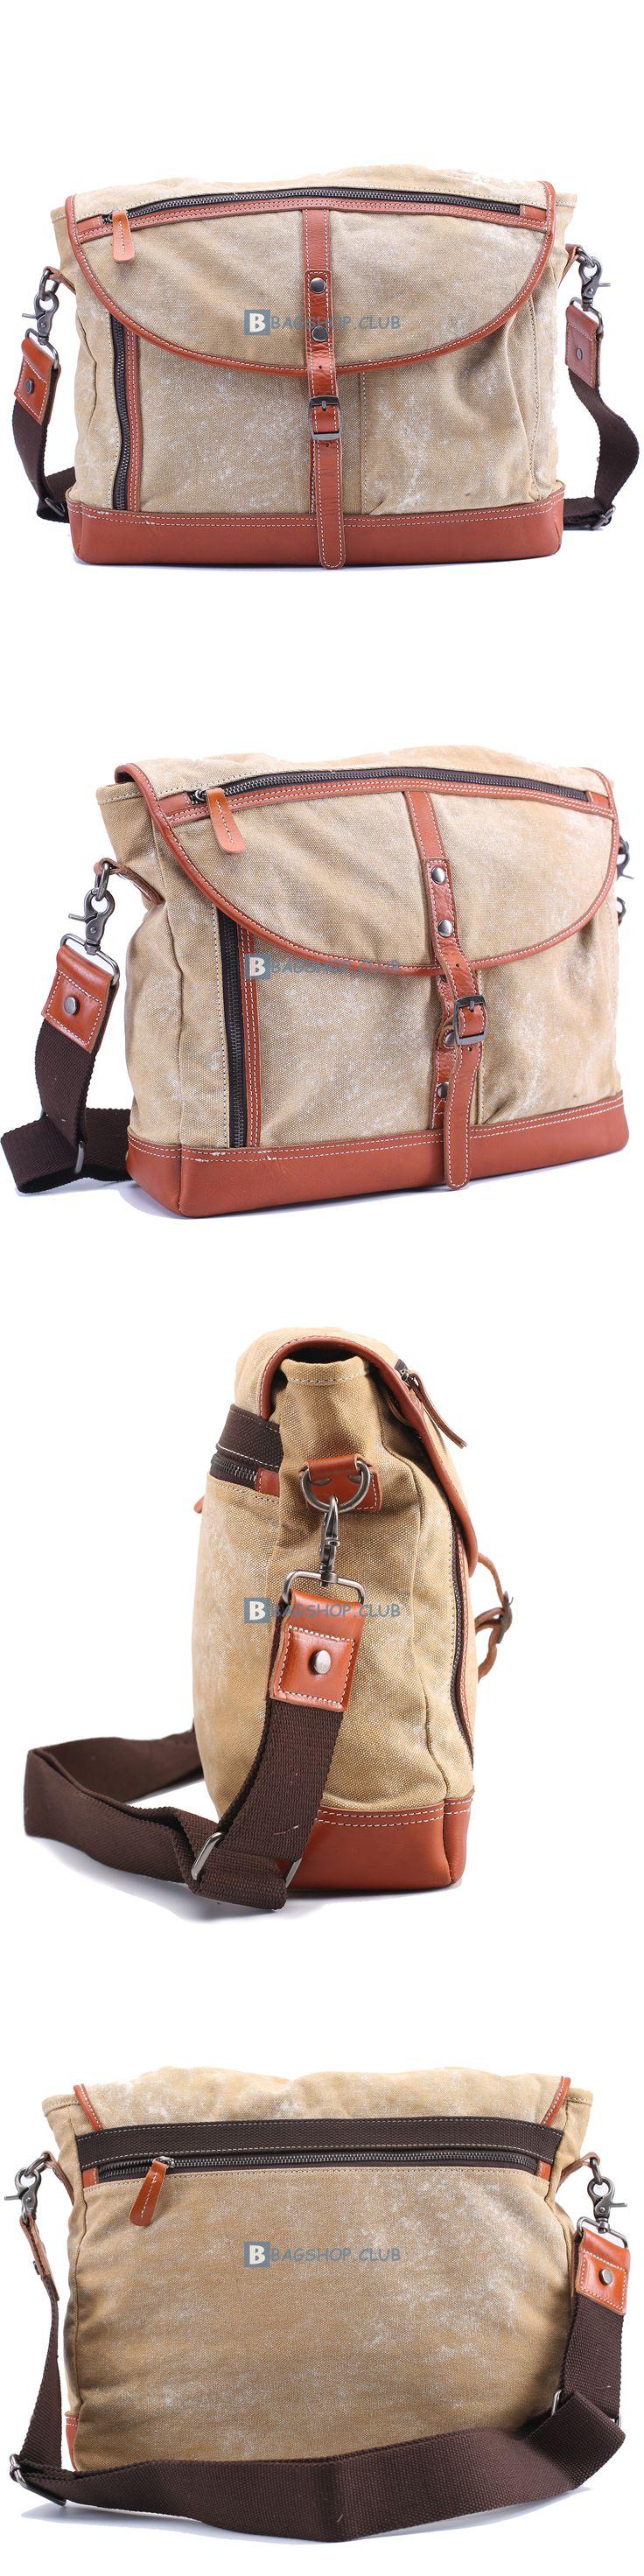 $66.69 Messenger Bags For SchoolCanvas Shoulder Bag Men